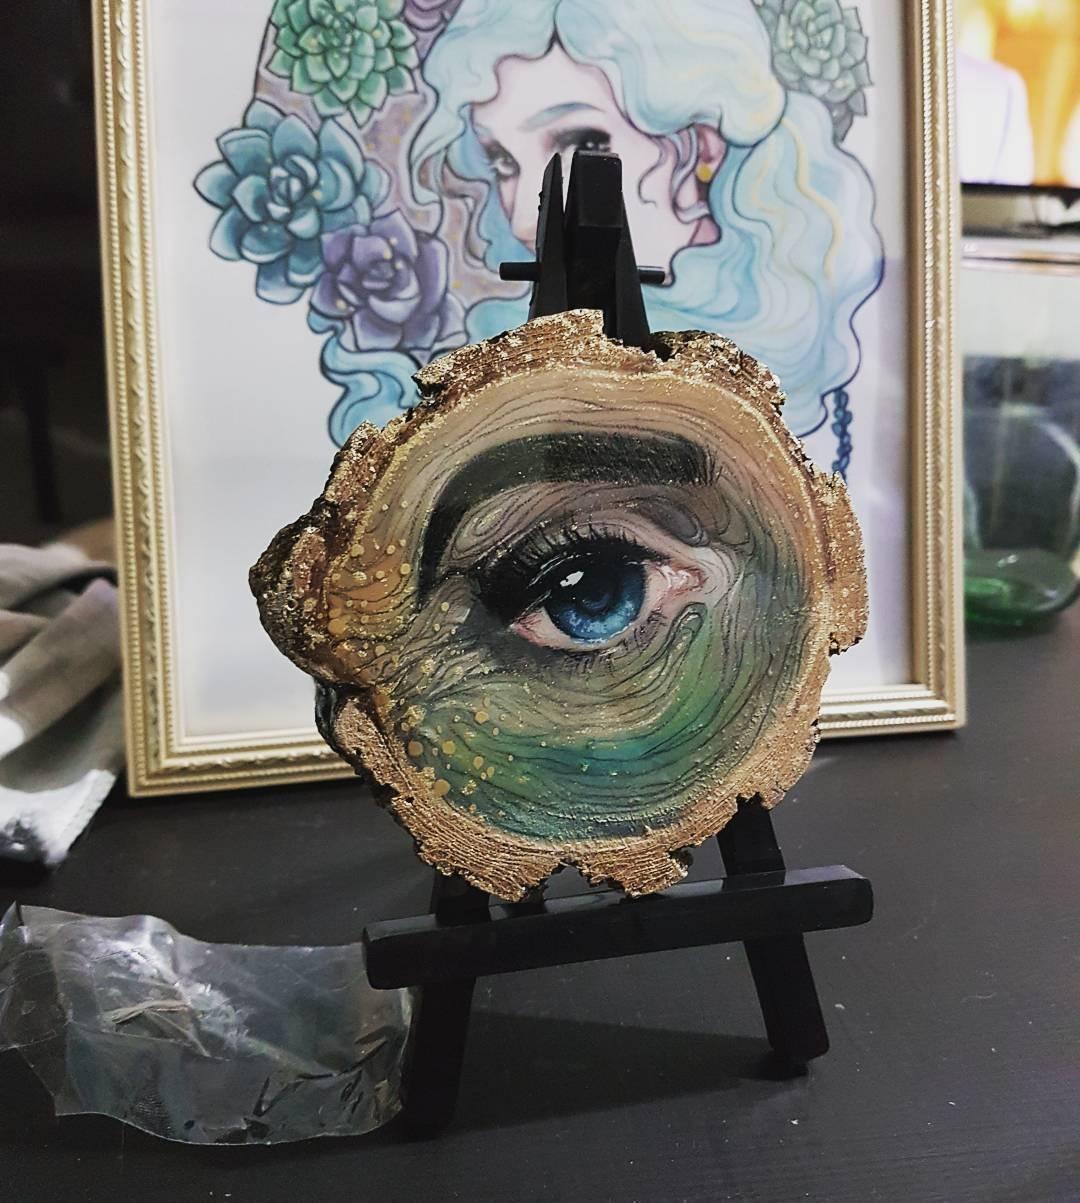 Art piecesq